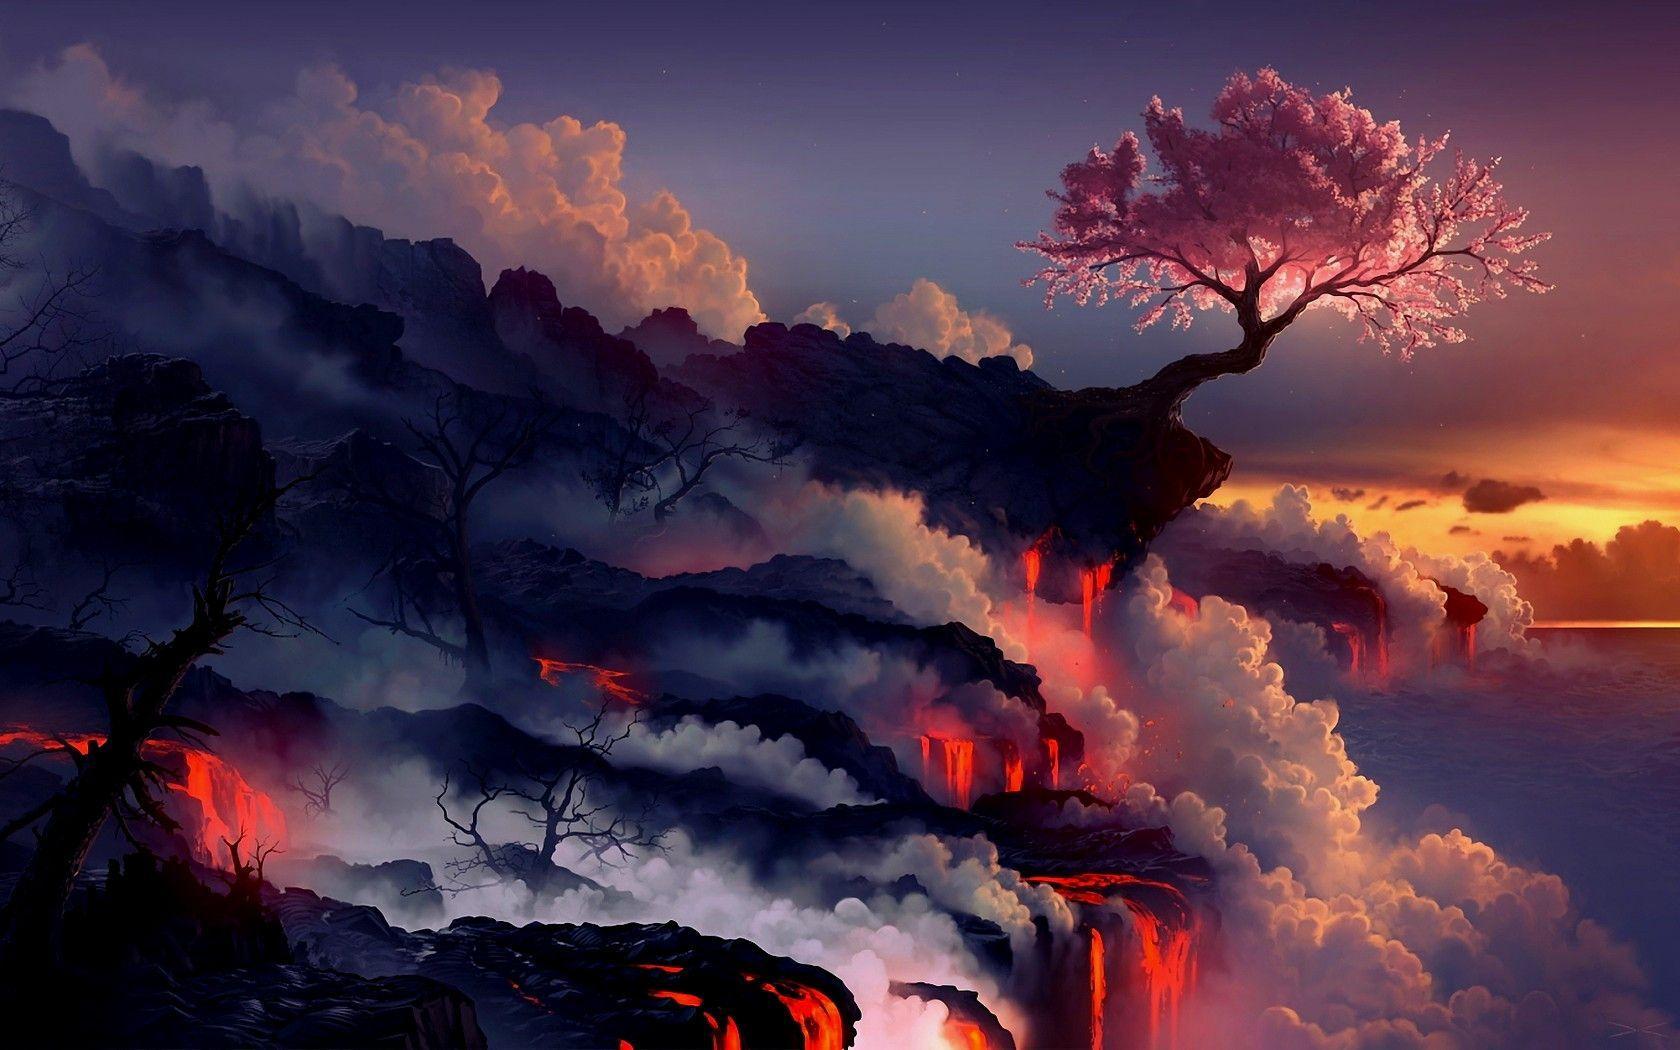 Digital Landscape Wallpapers   Top Free Digital Landscape ...